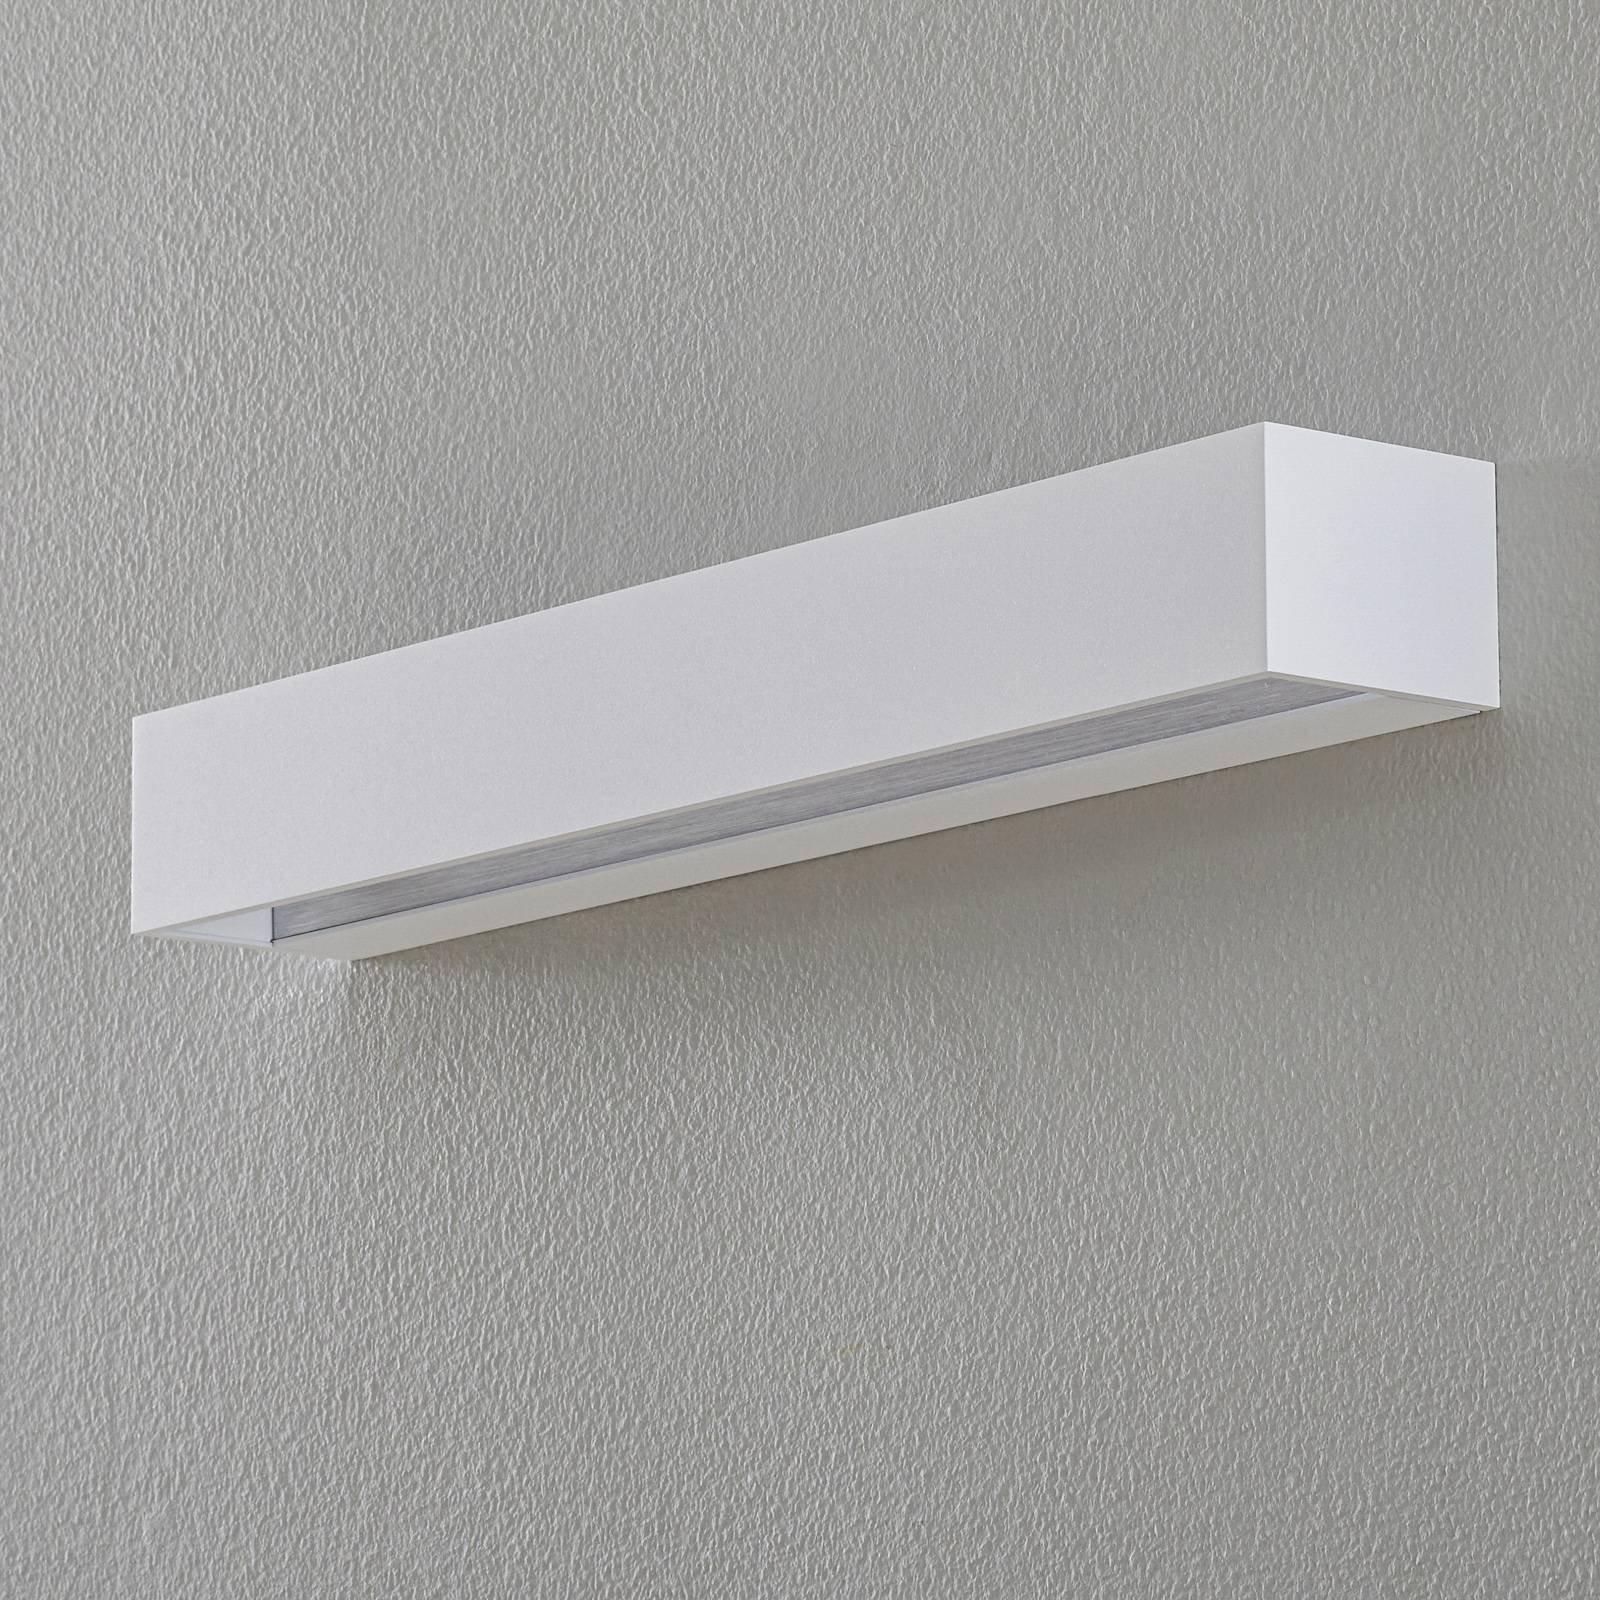 BEGA Studio Line vegglampe bred hvit/alu 50 cm